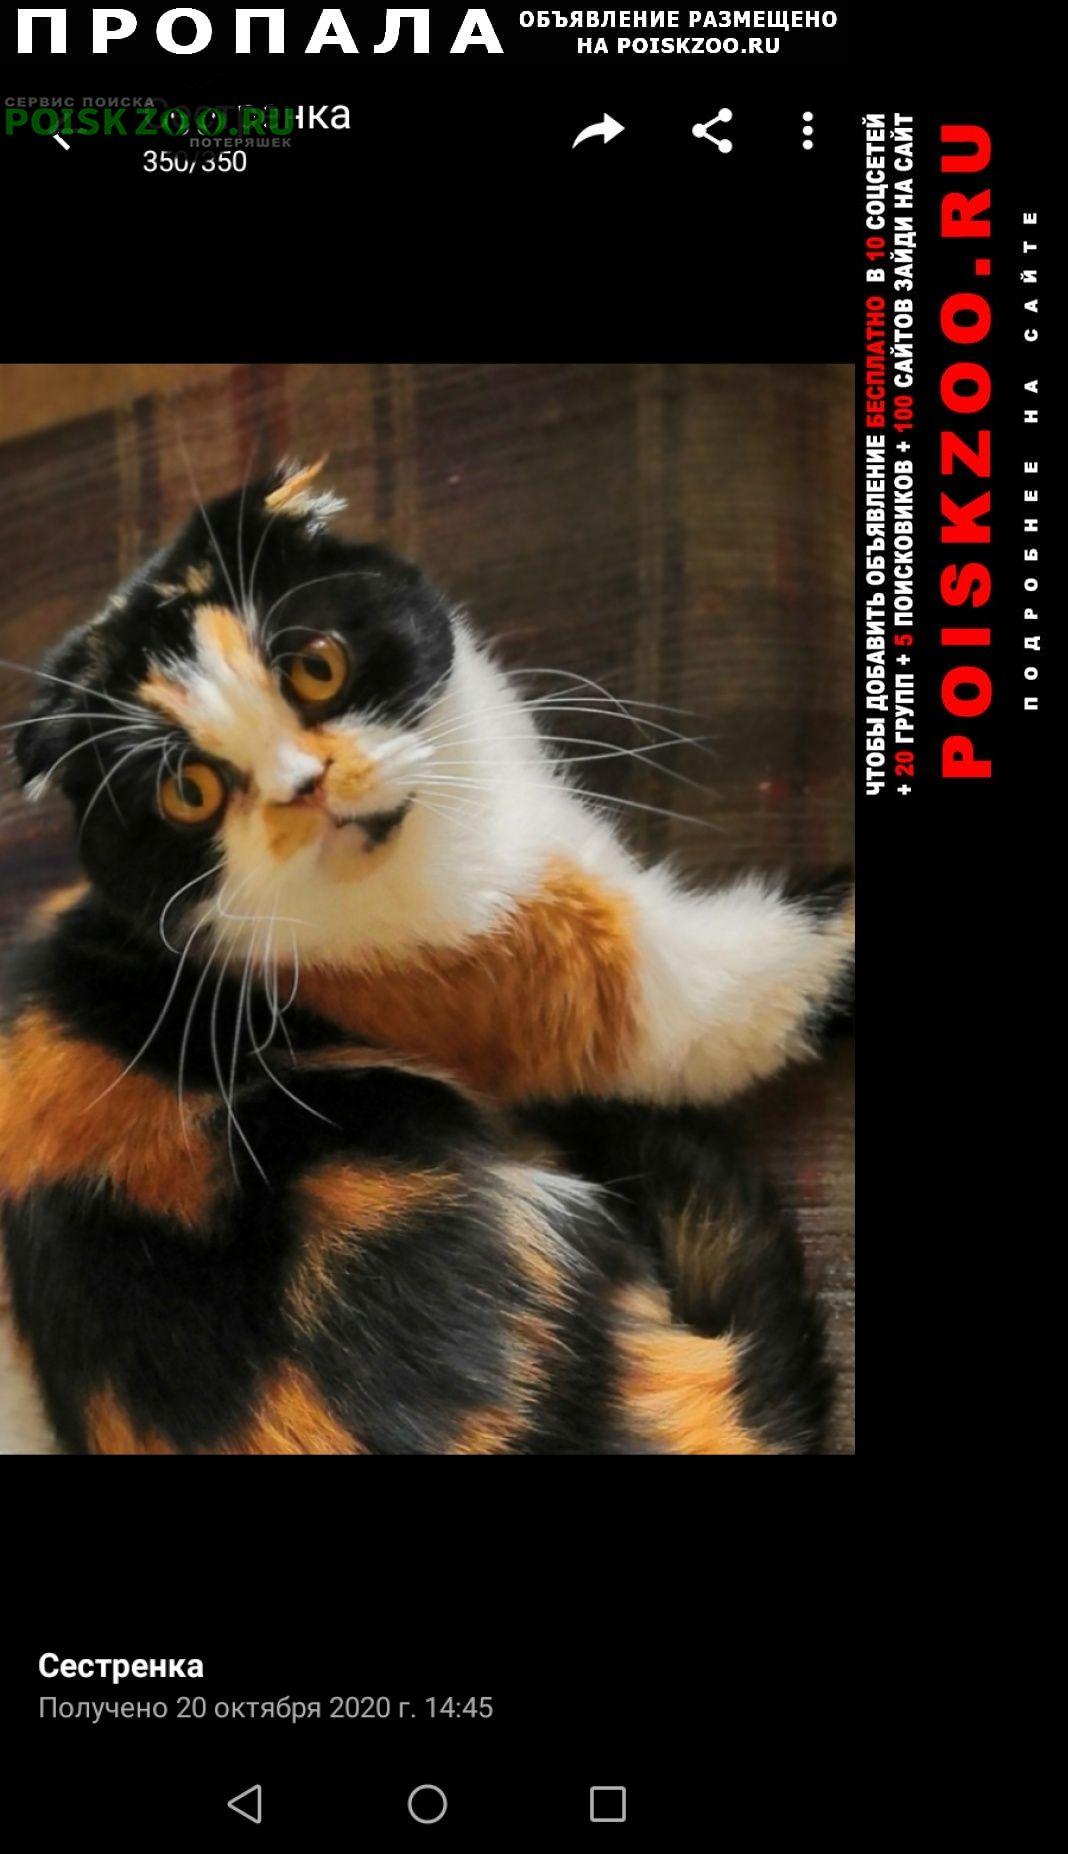 Пропала кошка Нижний Новгород